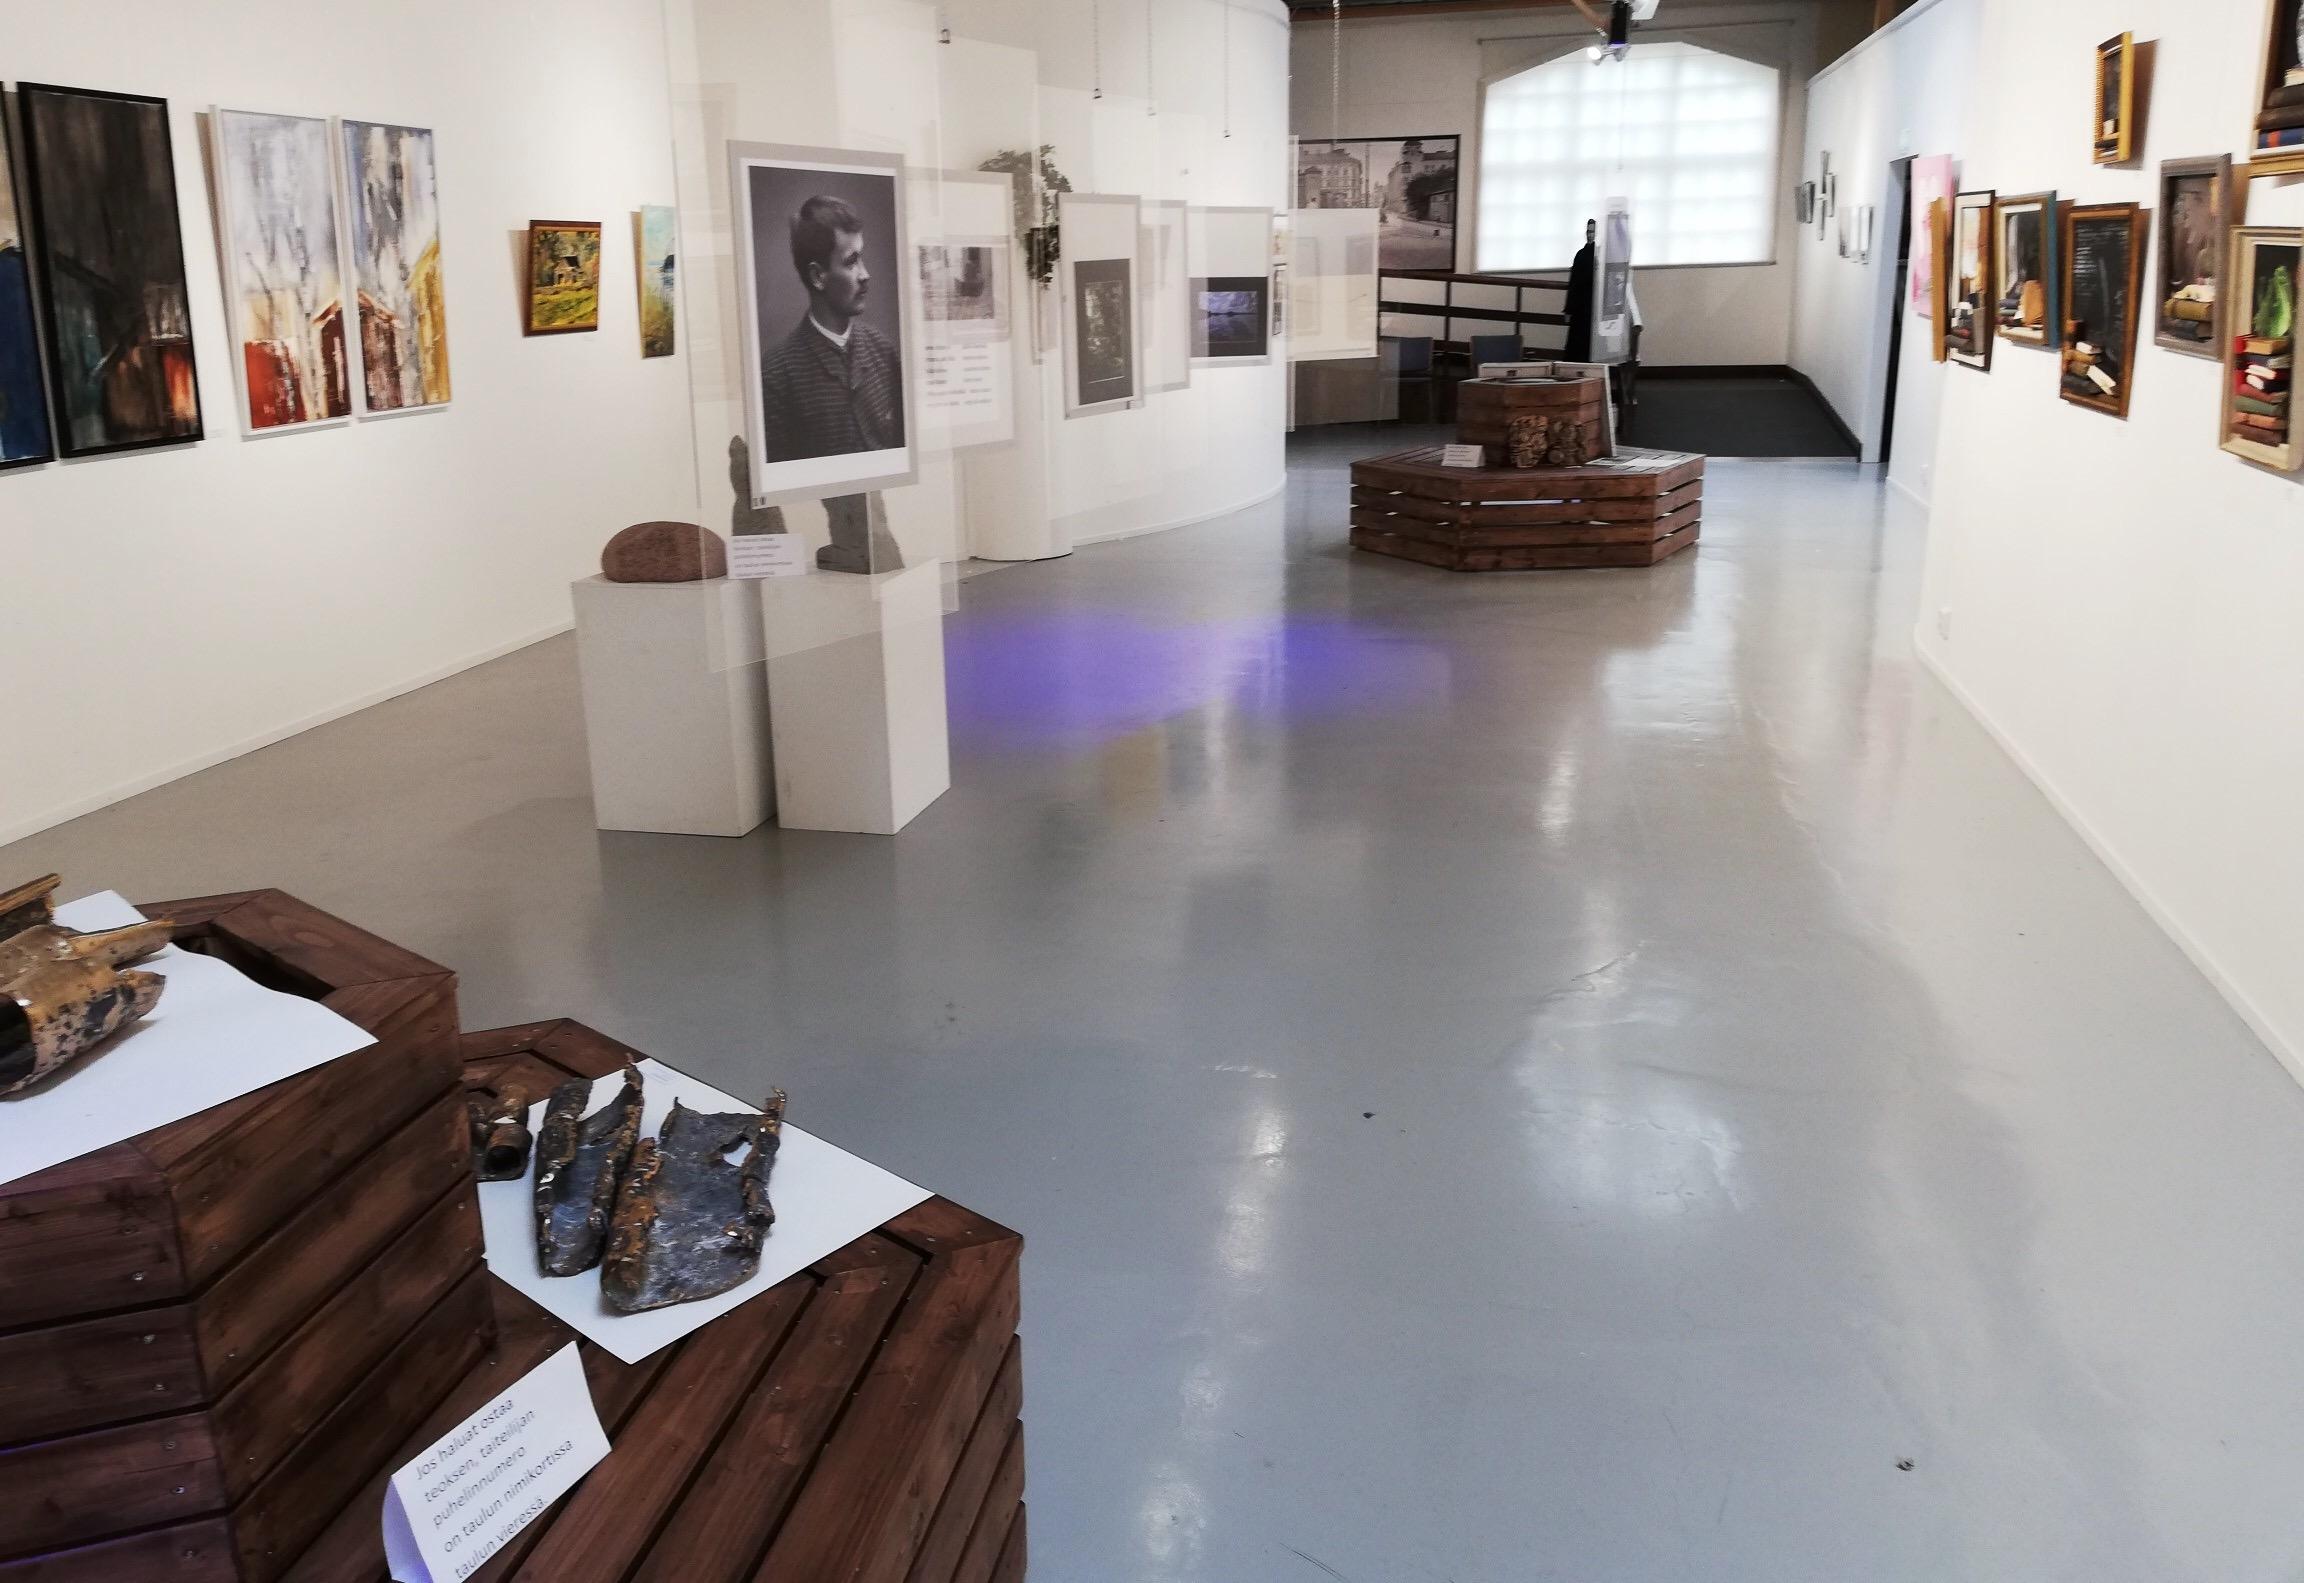 Kesänäyttely Into-keskuksessa Killinkoskella järjestettiin lopulta koronaviruksesta johtuen ilman komilaisia vieraita kesällä 2020. Eurooppalainen Kulttuuriyhdistys ry